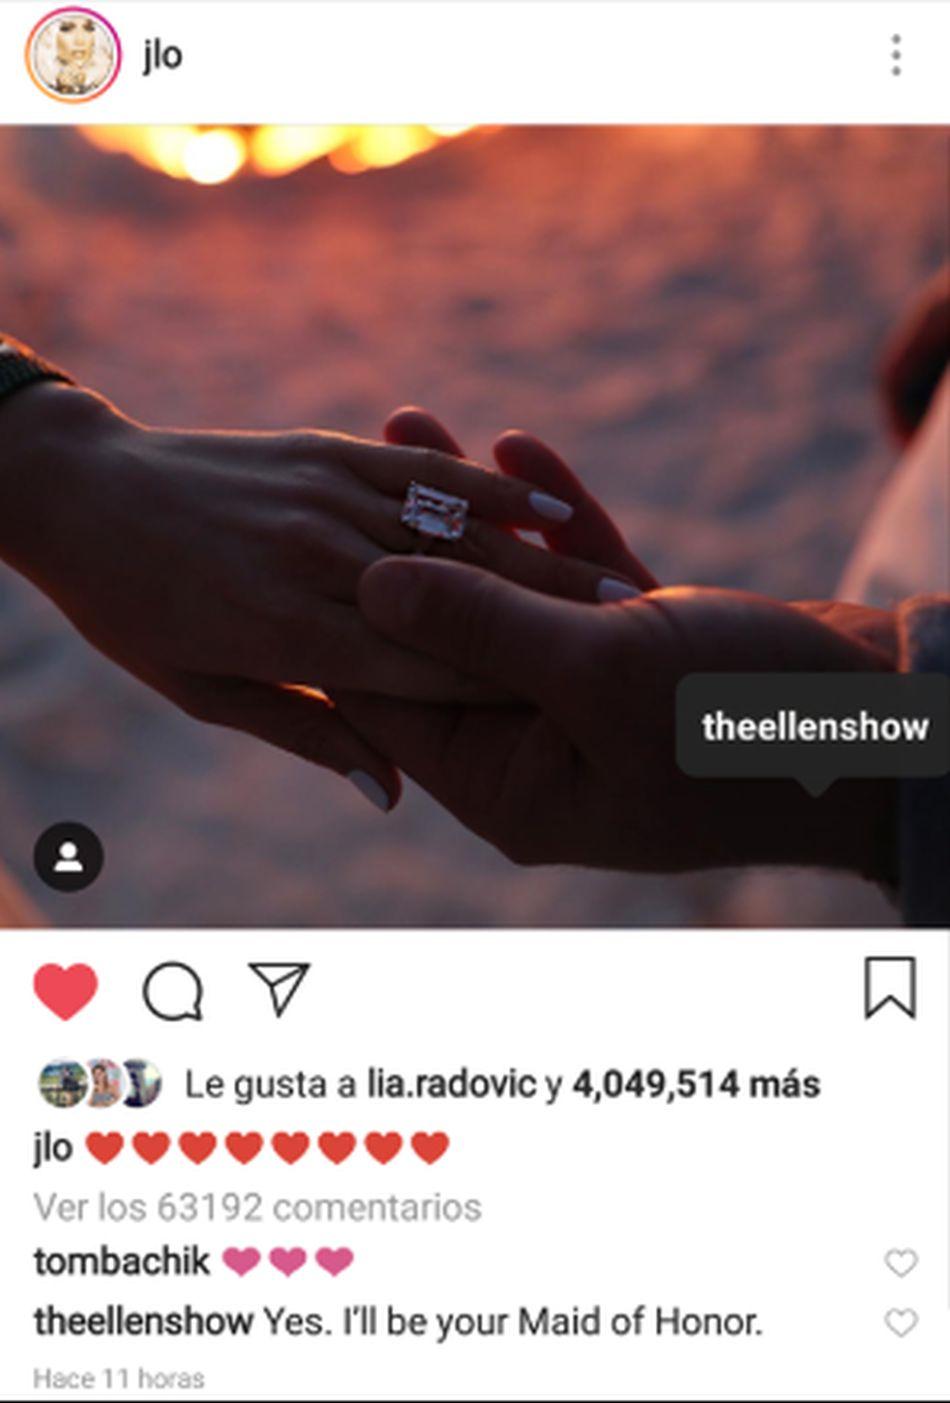 JLo no etiquetó a su prometido en la importante publicación sino a la popular presentadora estadounidense. (Foto: Instagram)